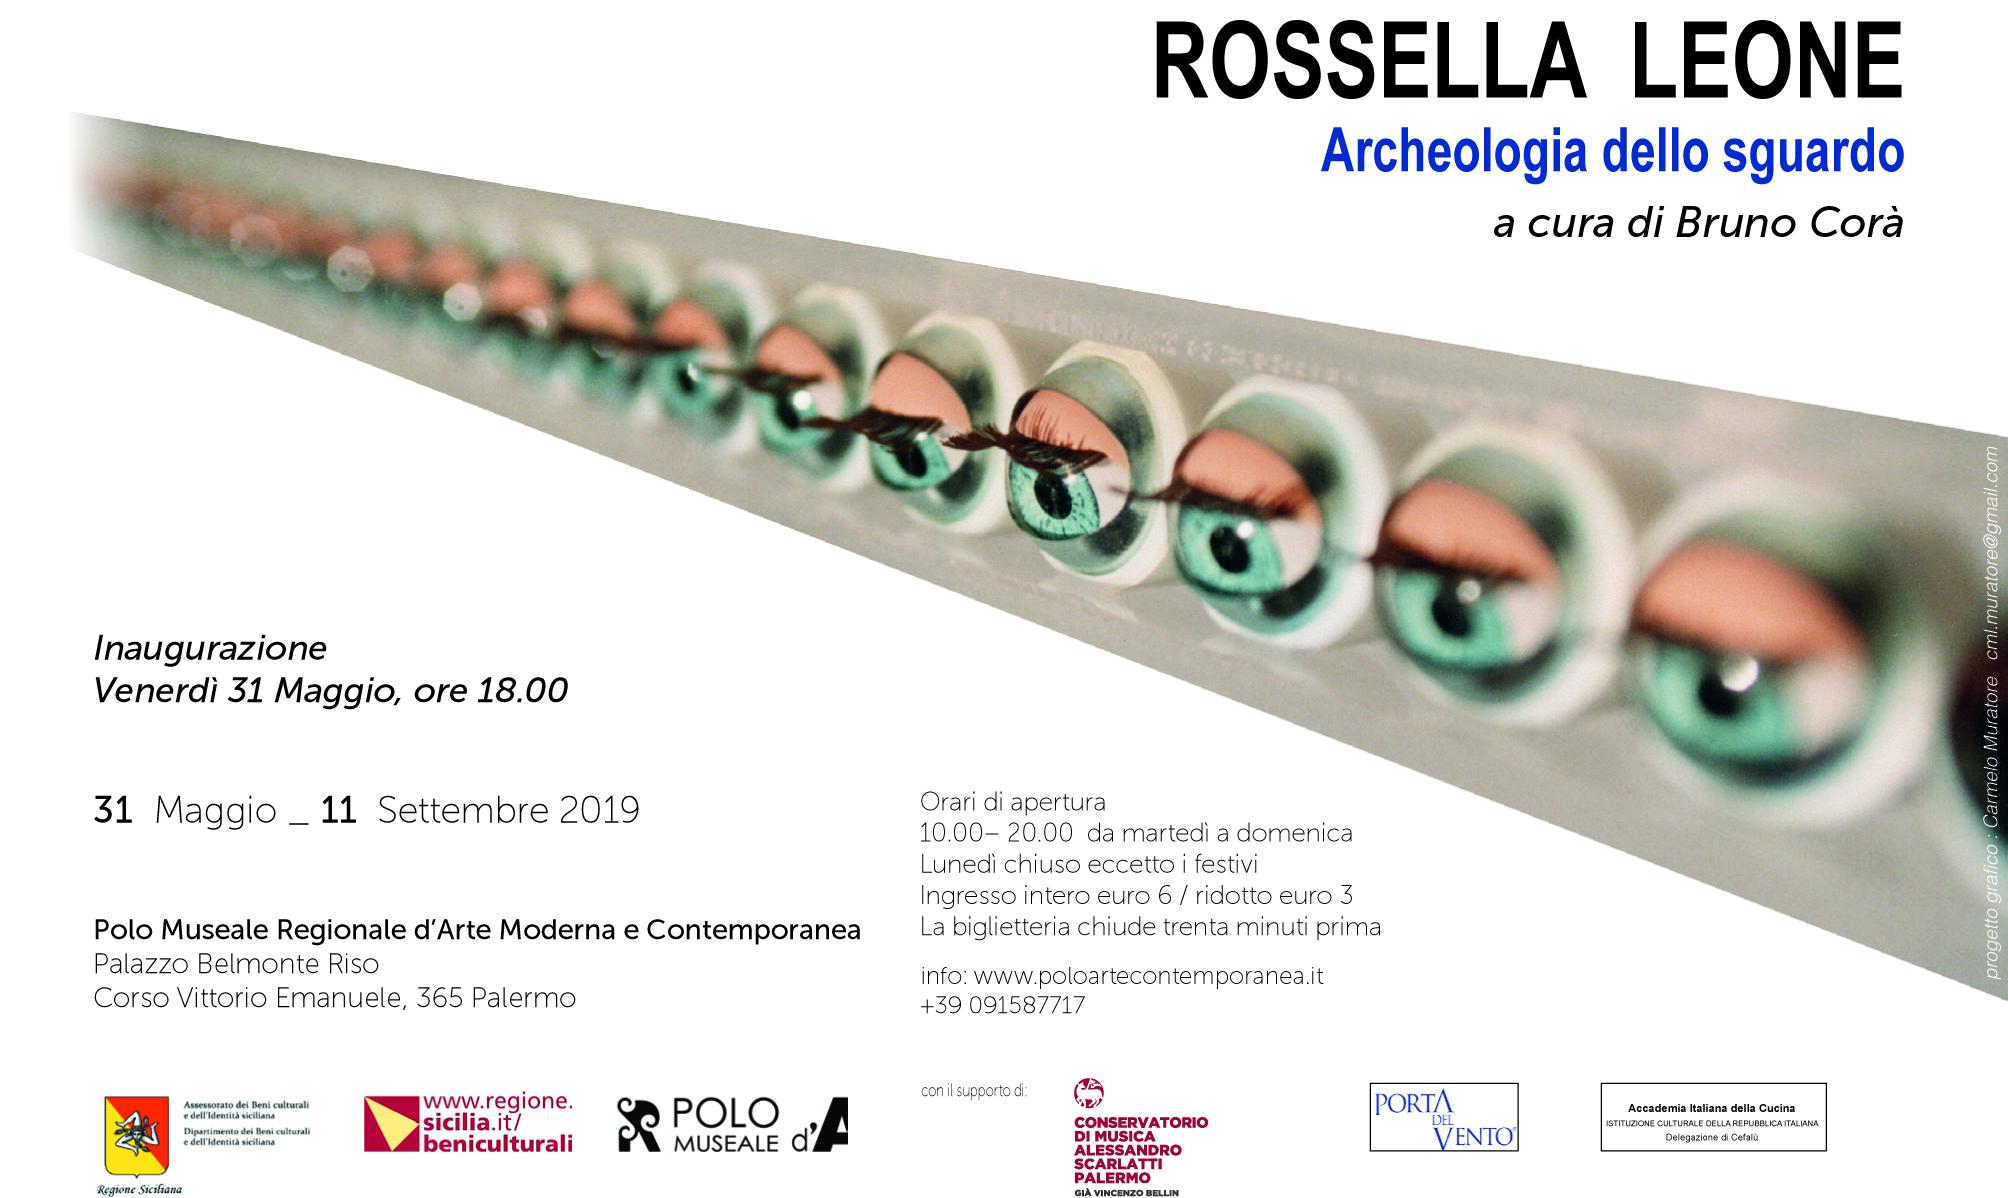 """Le opere di Rossella Leone esposte a Palermo nella mostra """"Archeologia dello sguardo"""""""